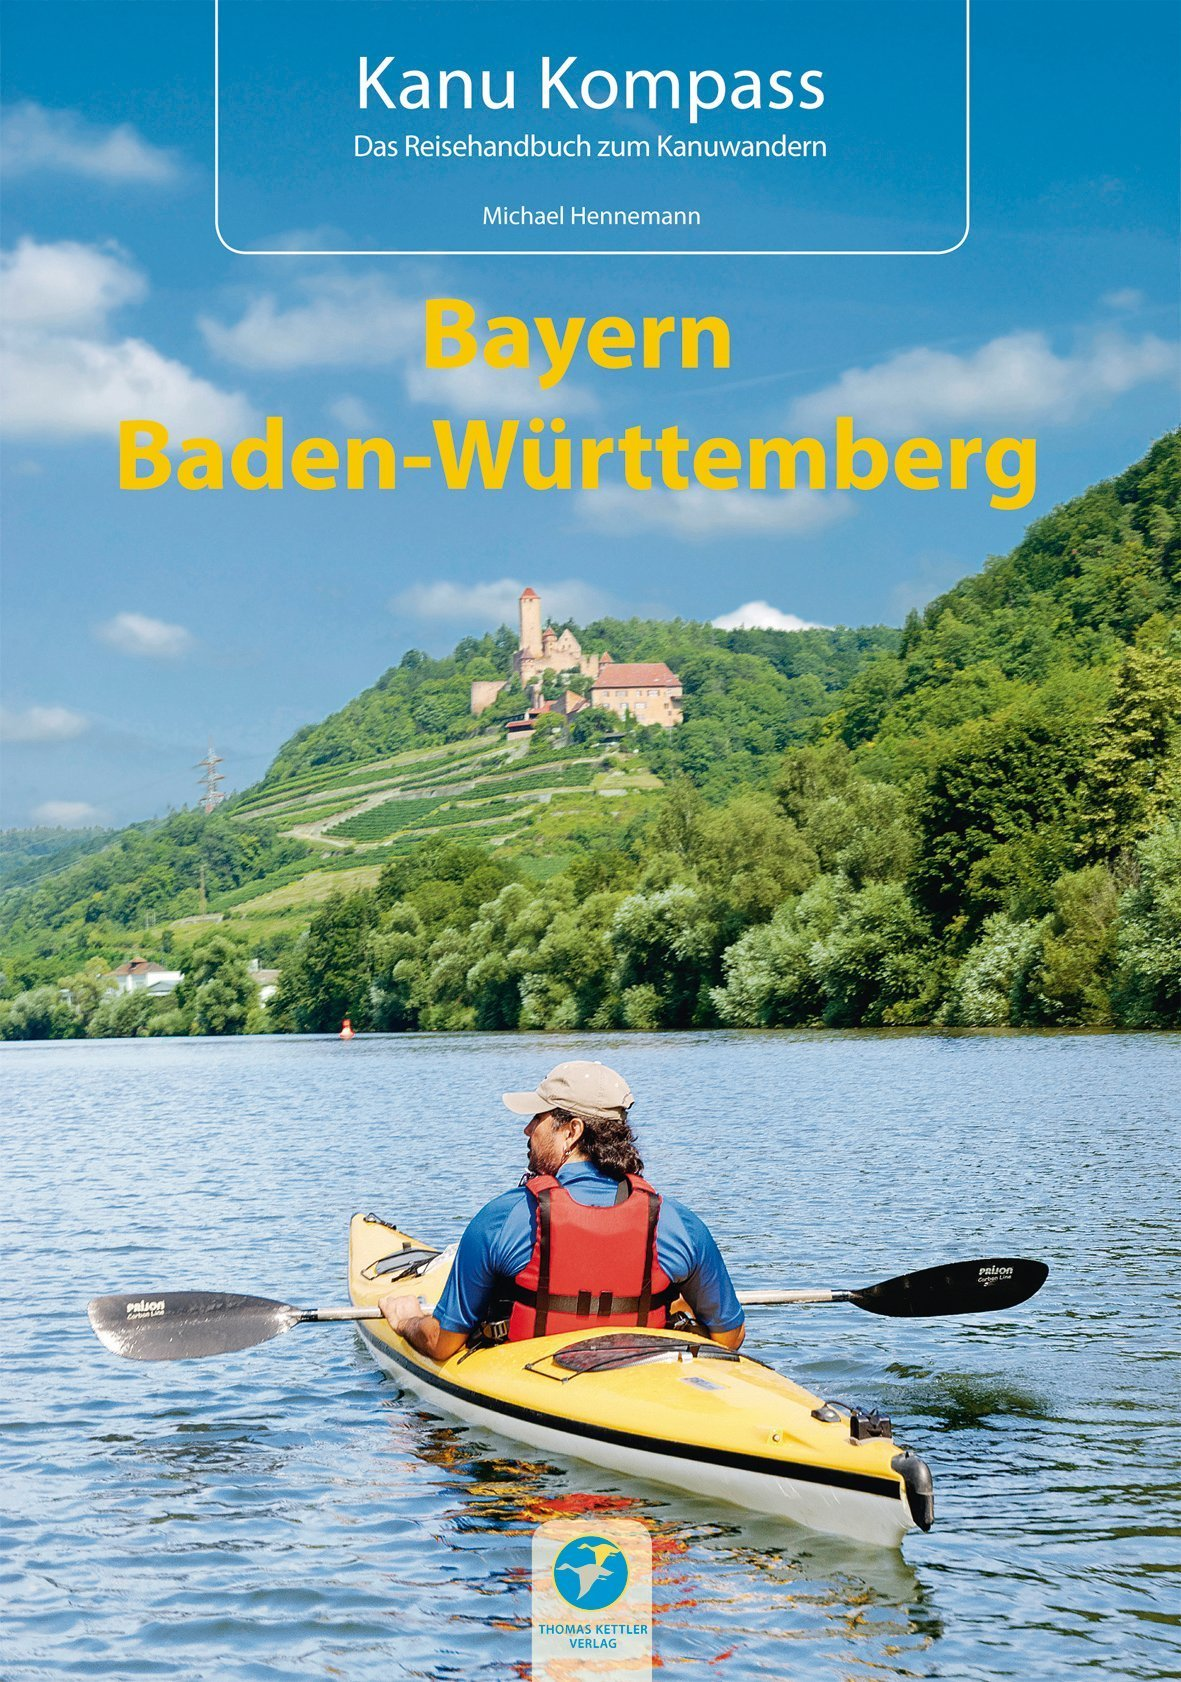 Kanu Kompass Bayern, Baden-Württemberg: Das Reisehandbuch zum Kanuwandern von Michael Hennemann (27. April 2010) Broschiert